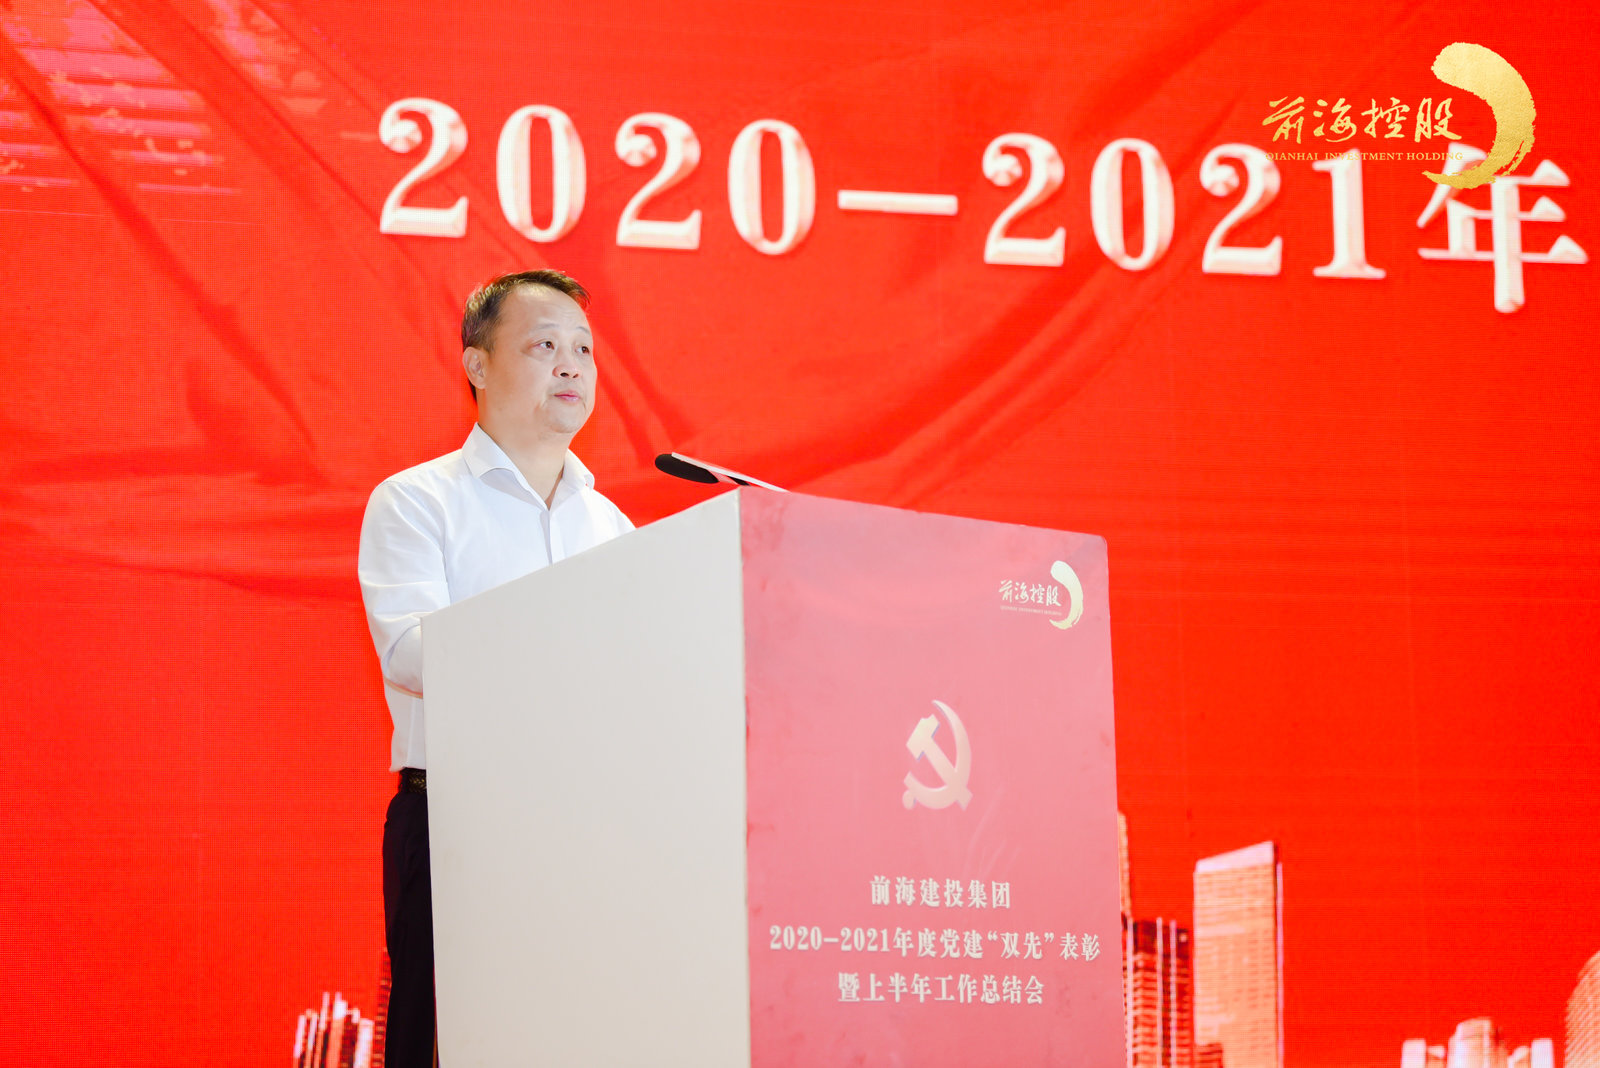 """前海控股举行2020-2021年度党建""""双先""""表彰会暨集团上半年总结大会"""